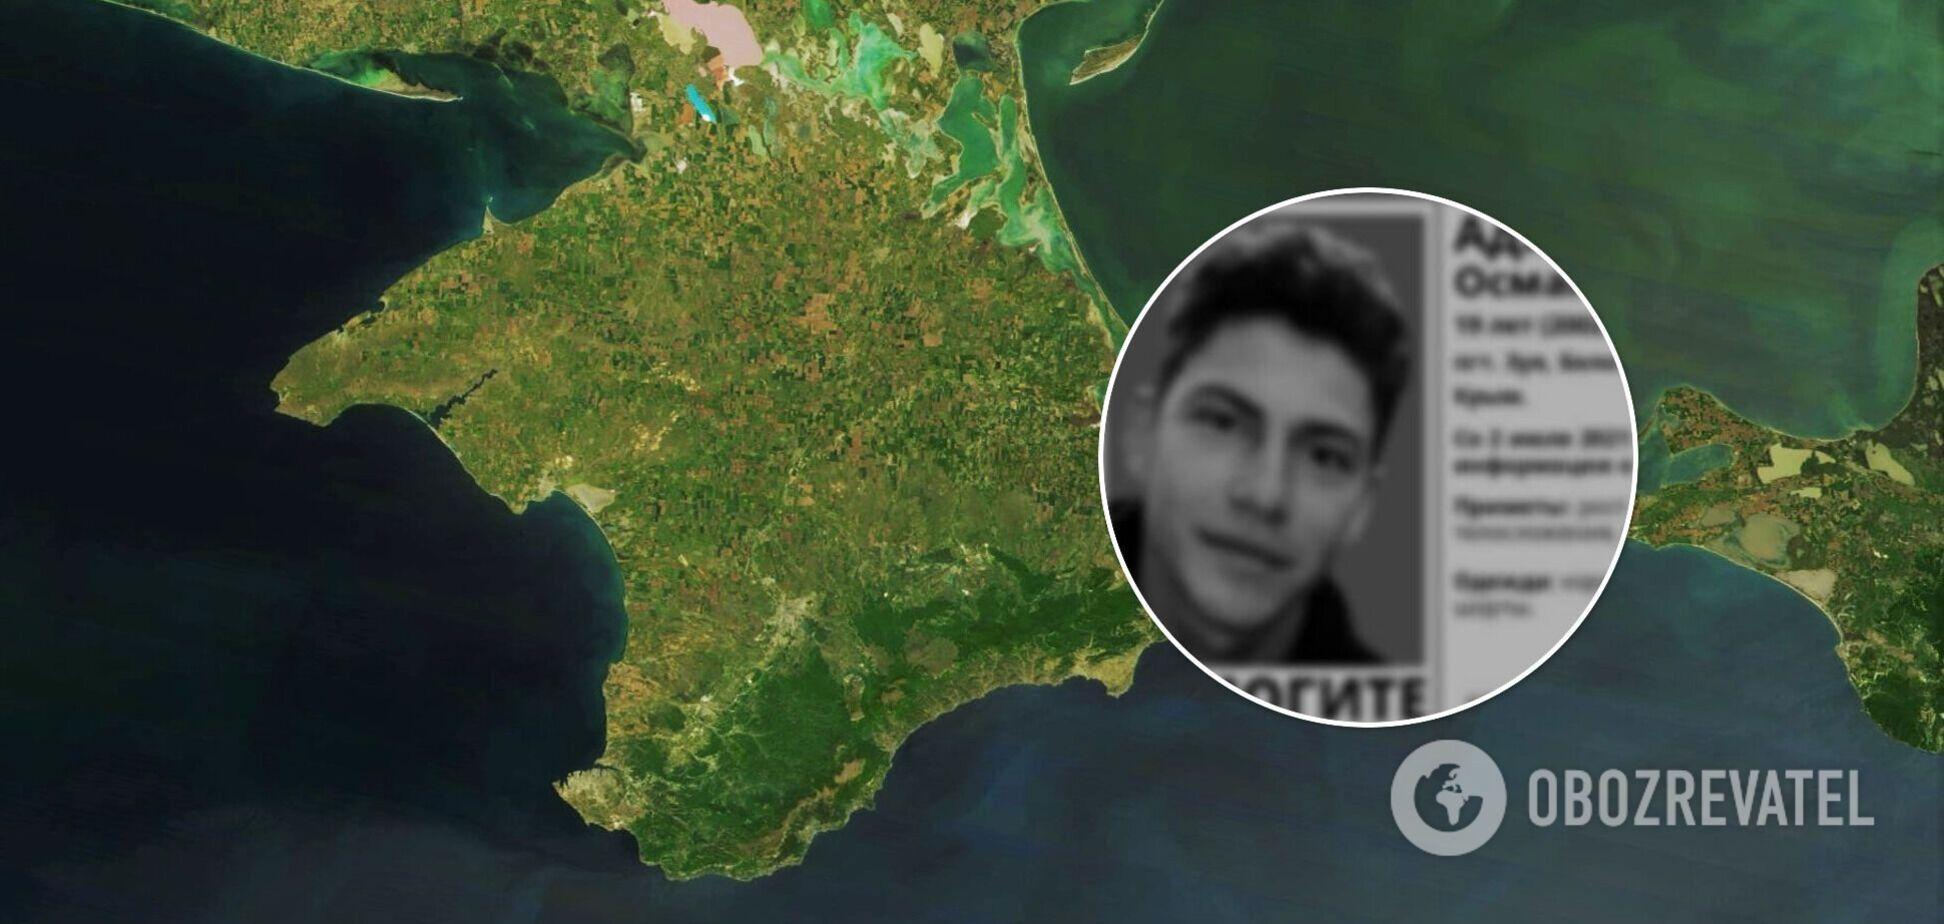 У Криму за кілька днів знайшли мертвими двох кримських татар